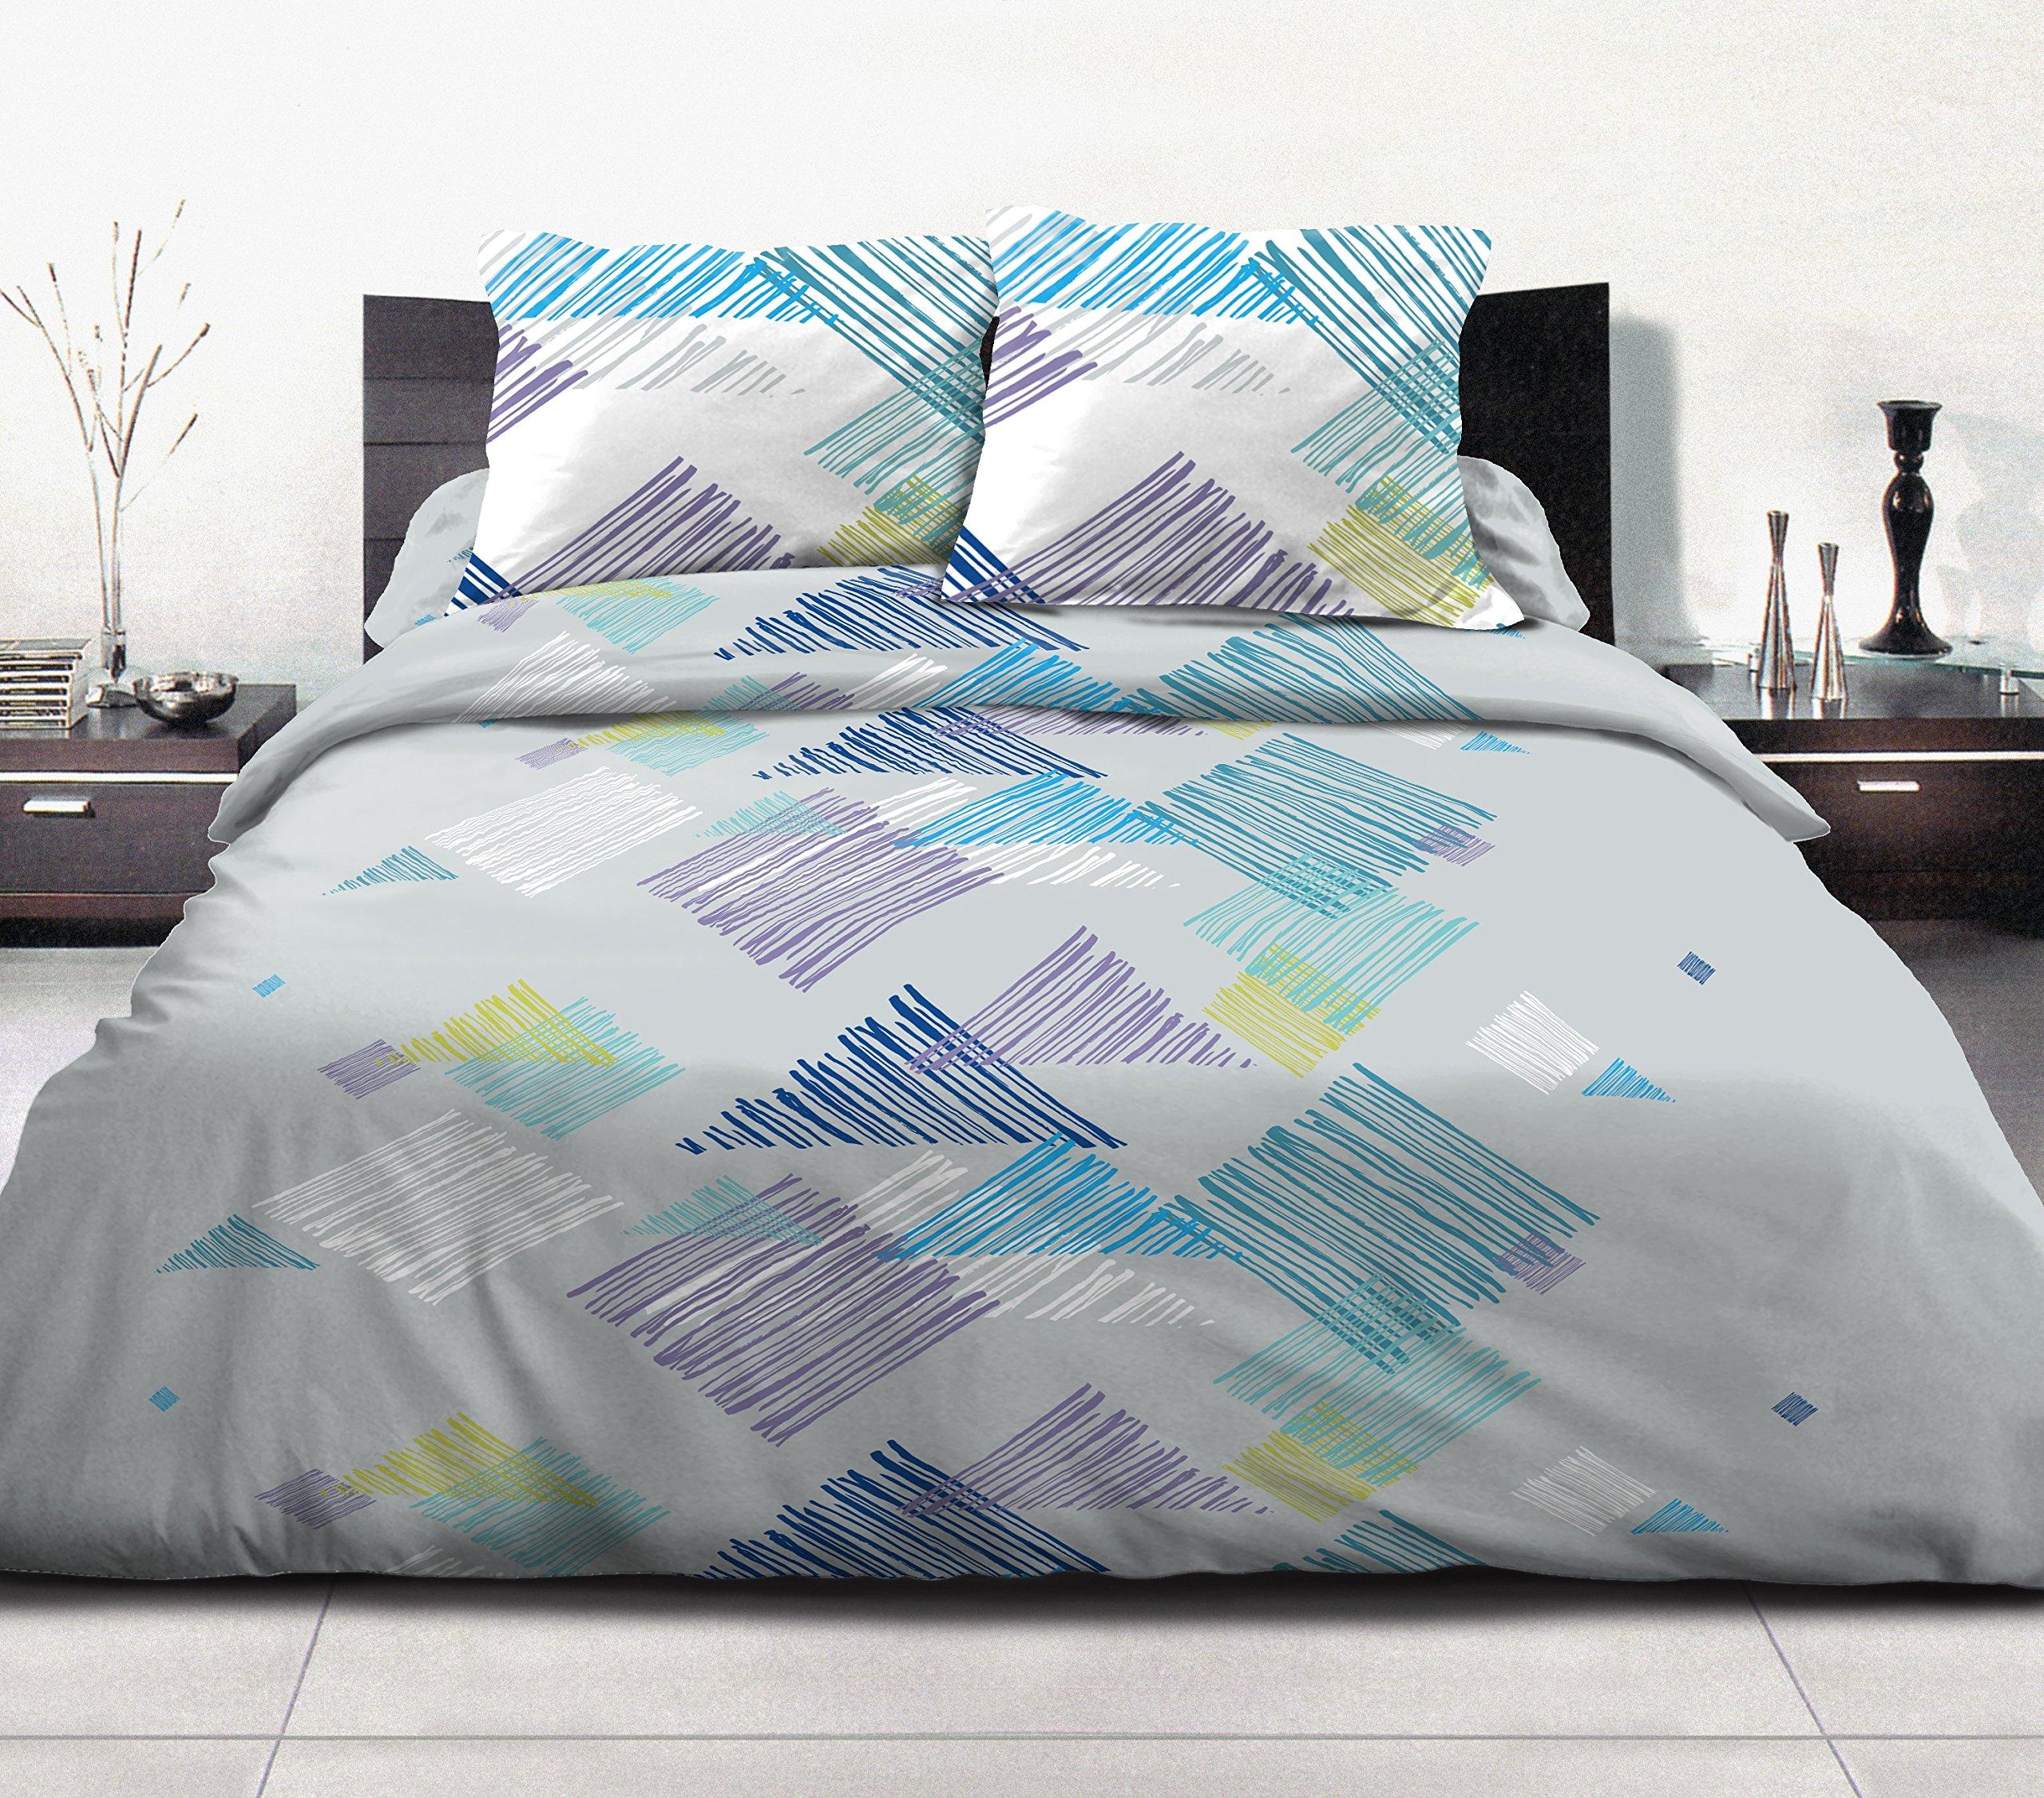 Home Passione 60511Pack di 3Parure Copripiumino 57fili graffe Azur cotone multicolore 240x 260c